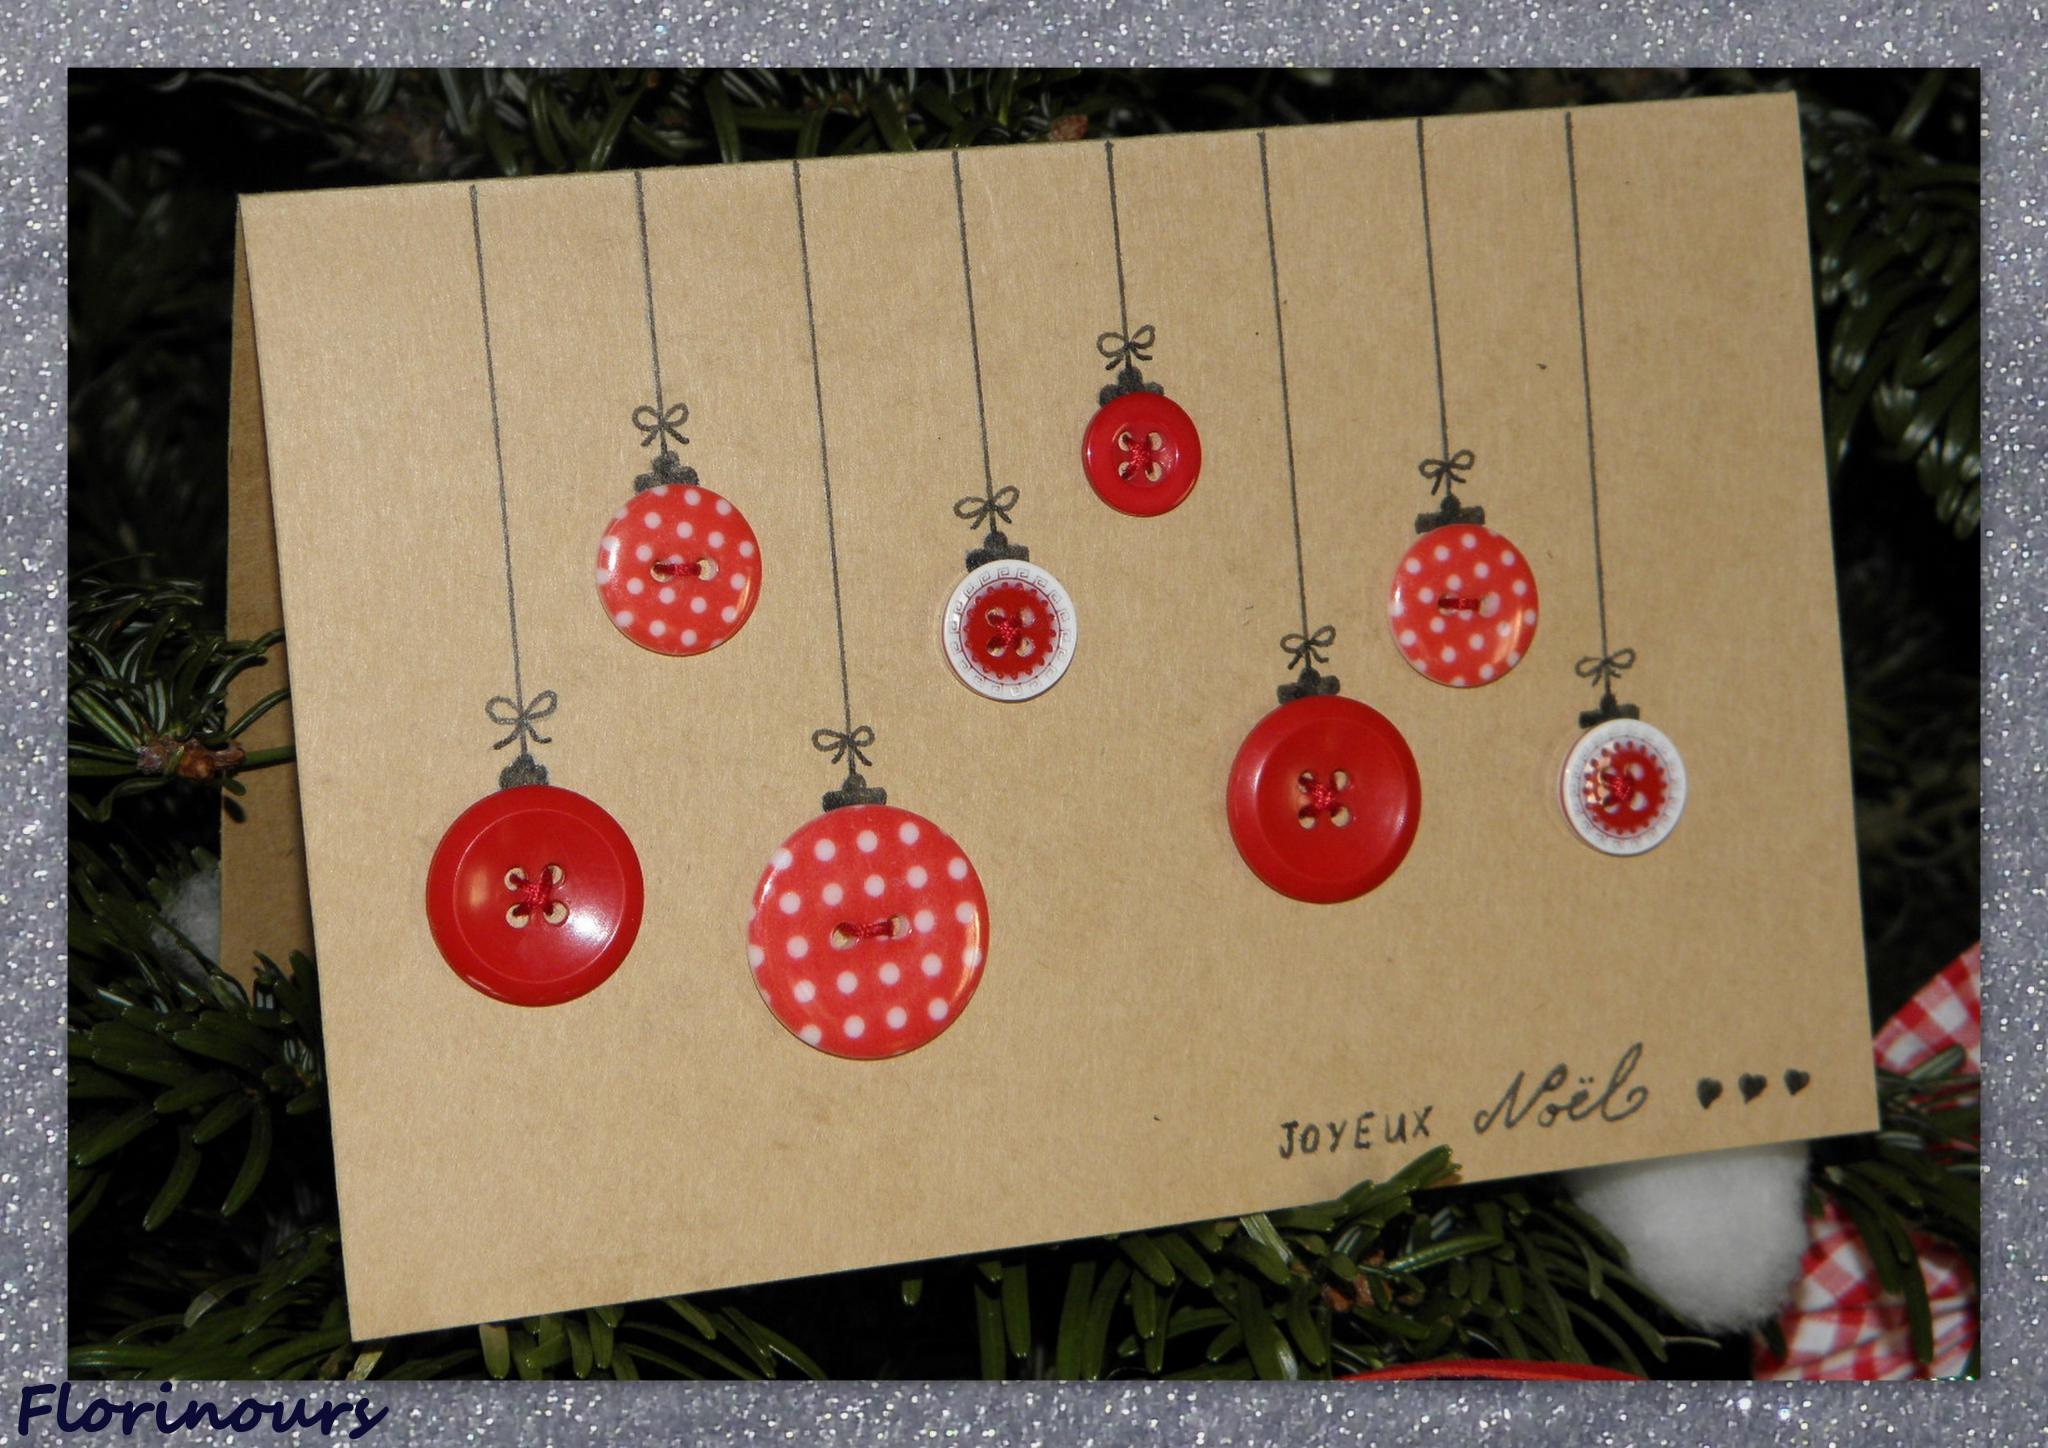 Creating Greeting Cards orSanta Cla